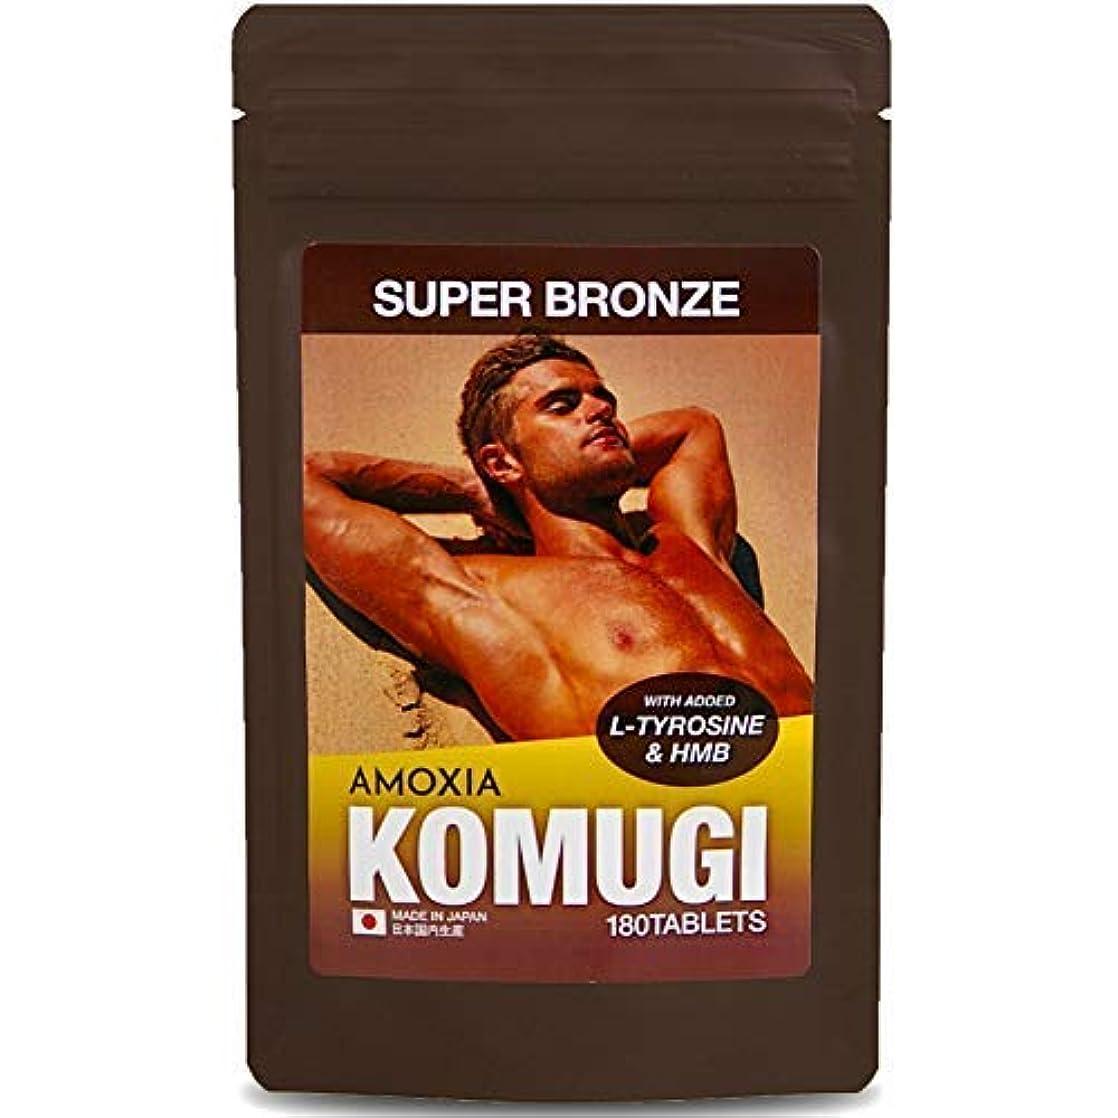 サンプルカレンダー音楽を聴くKOMUGI 日焼けと筋肉増強で新発想の飲むタンニング タンニングサプリメント 安心の国産 HMB配合 国産シェア100%